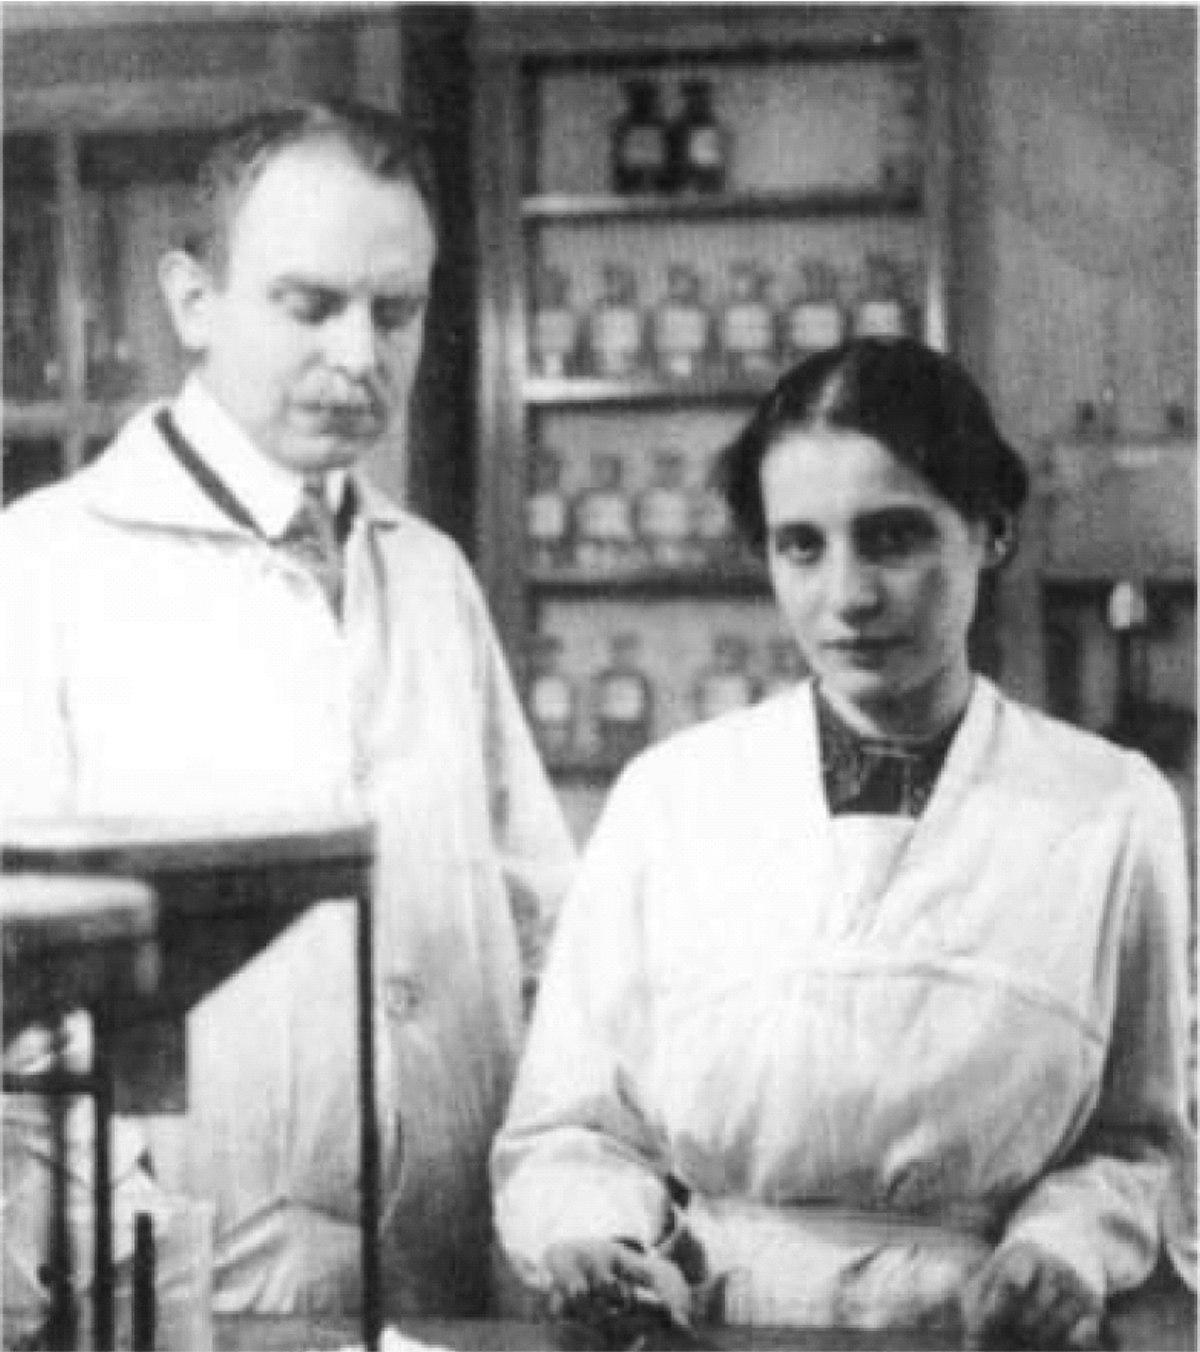 Hahn Meitner 1912.jpg